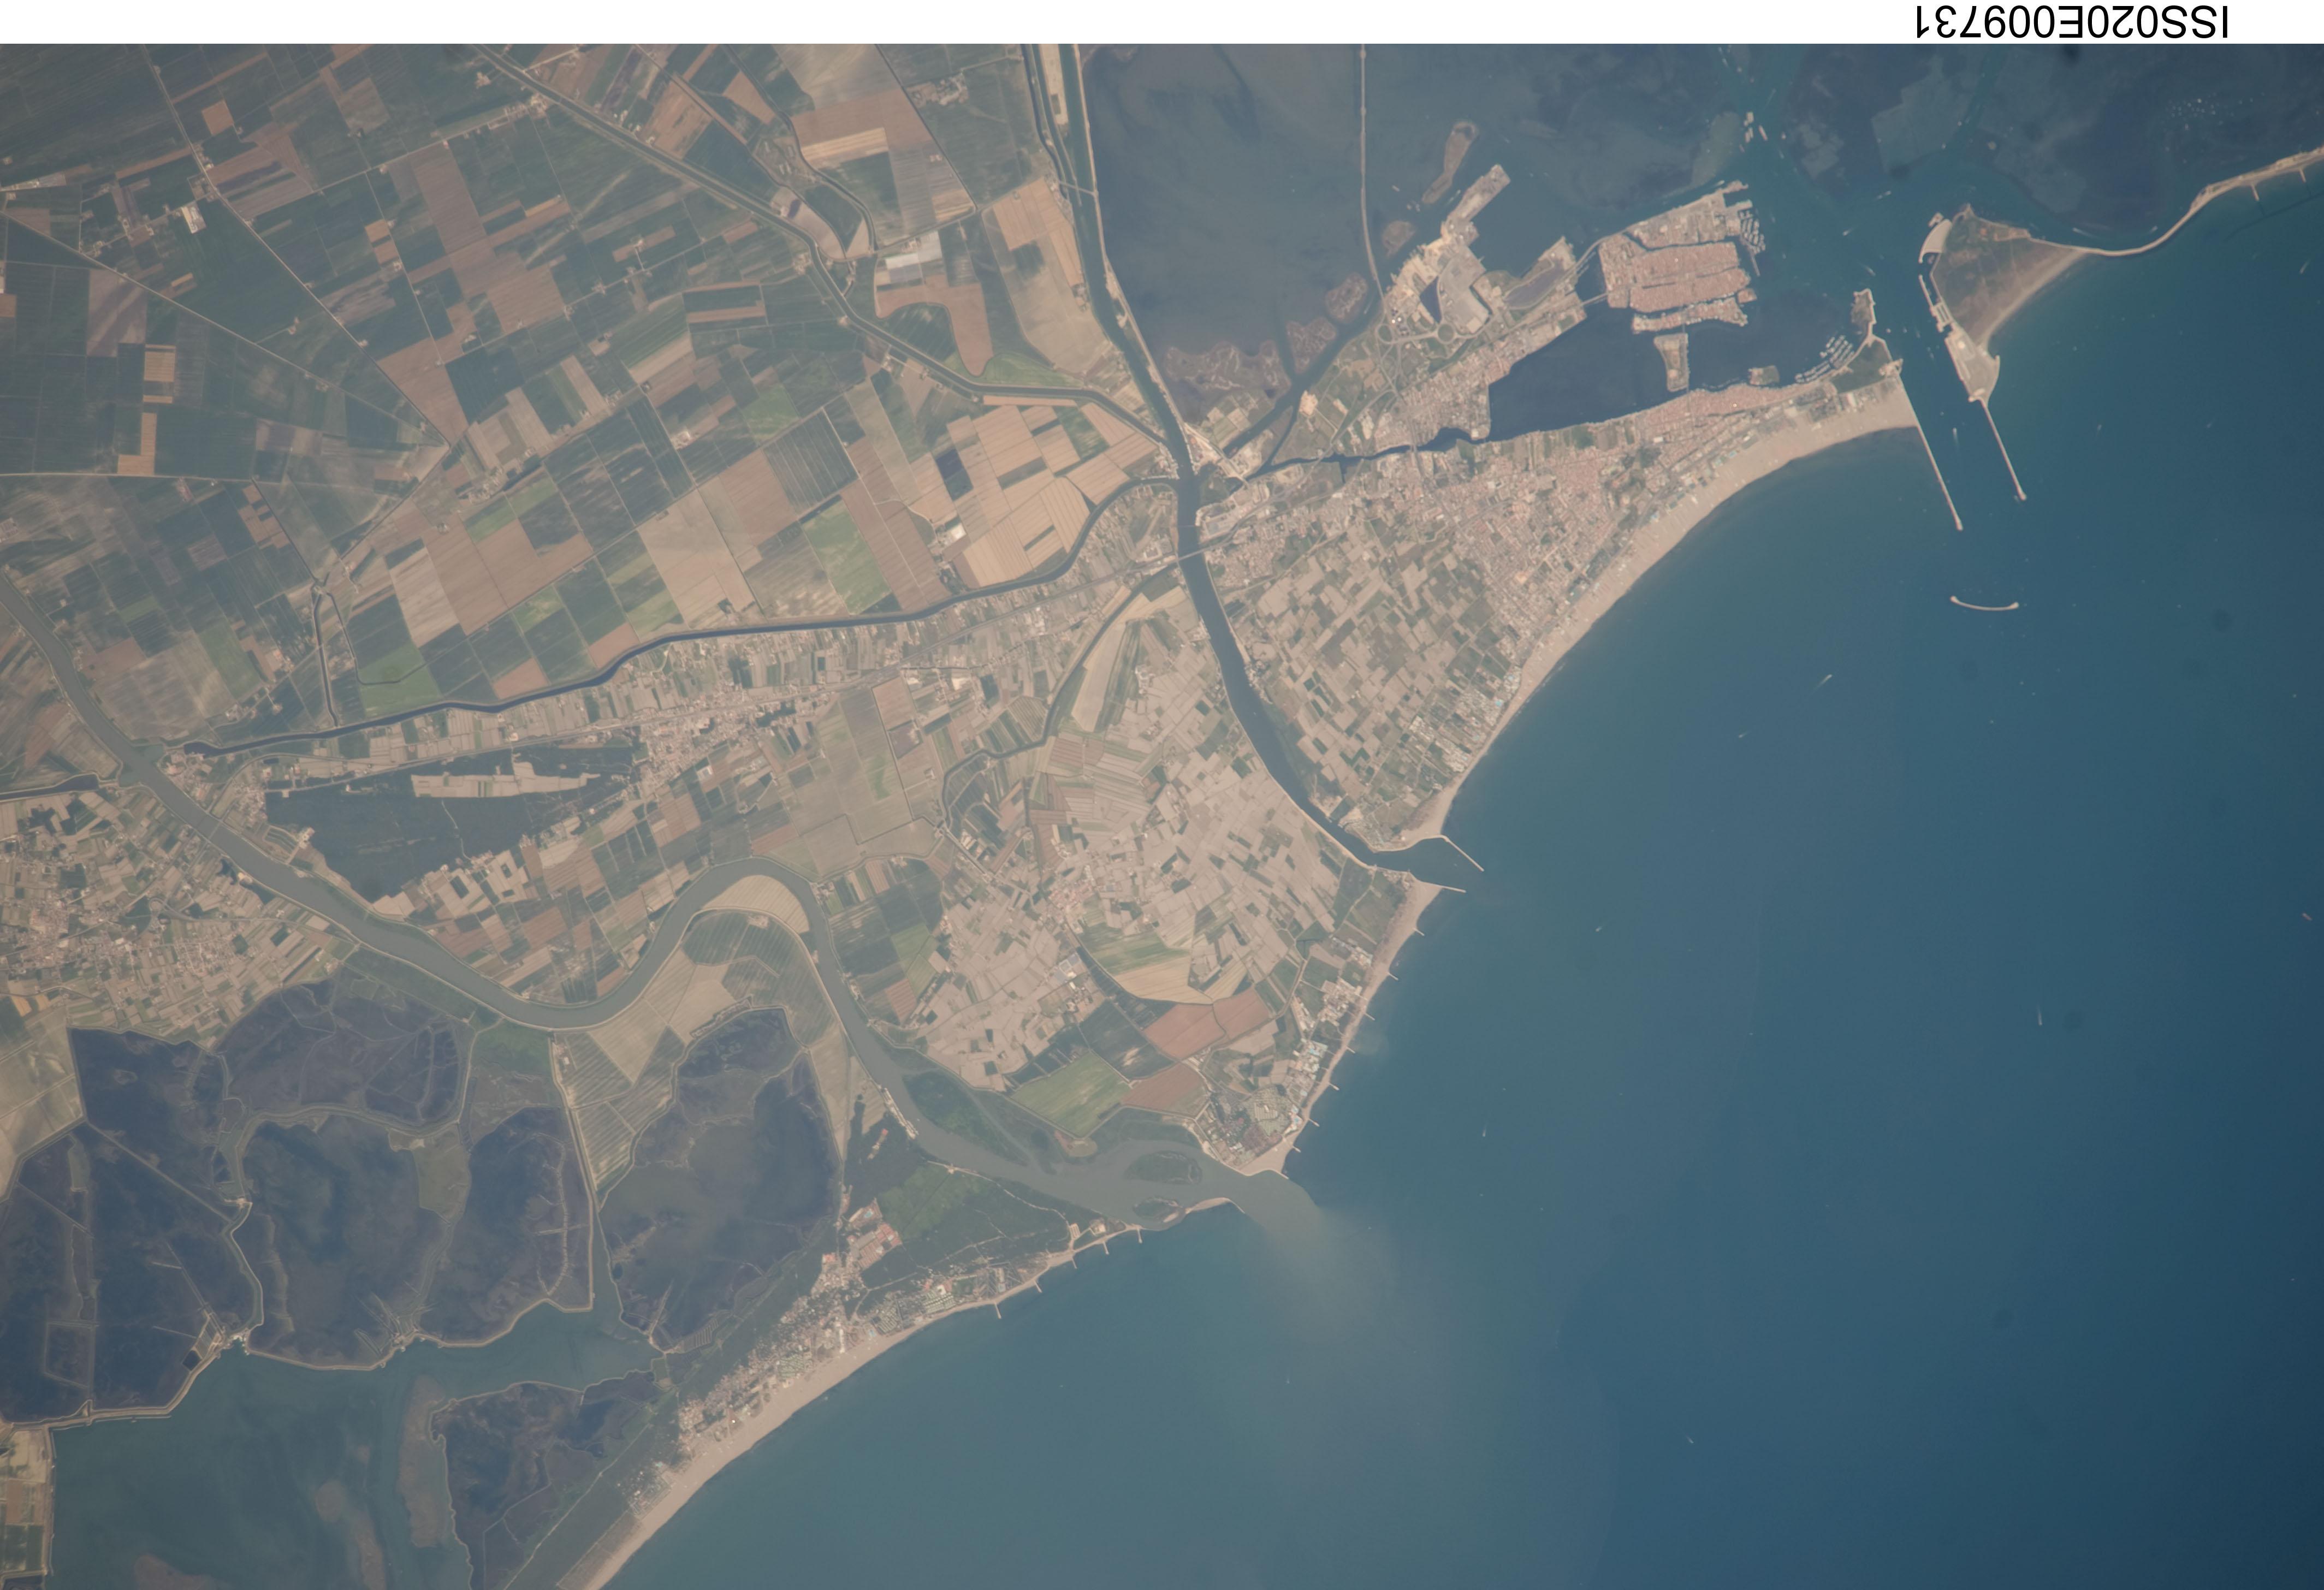 FilePo River Delta ISSEJPG Wikimedia Commons - Po river